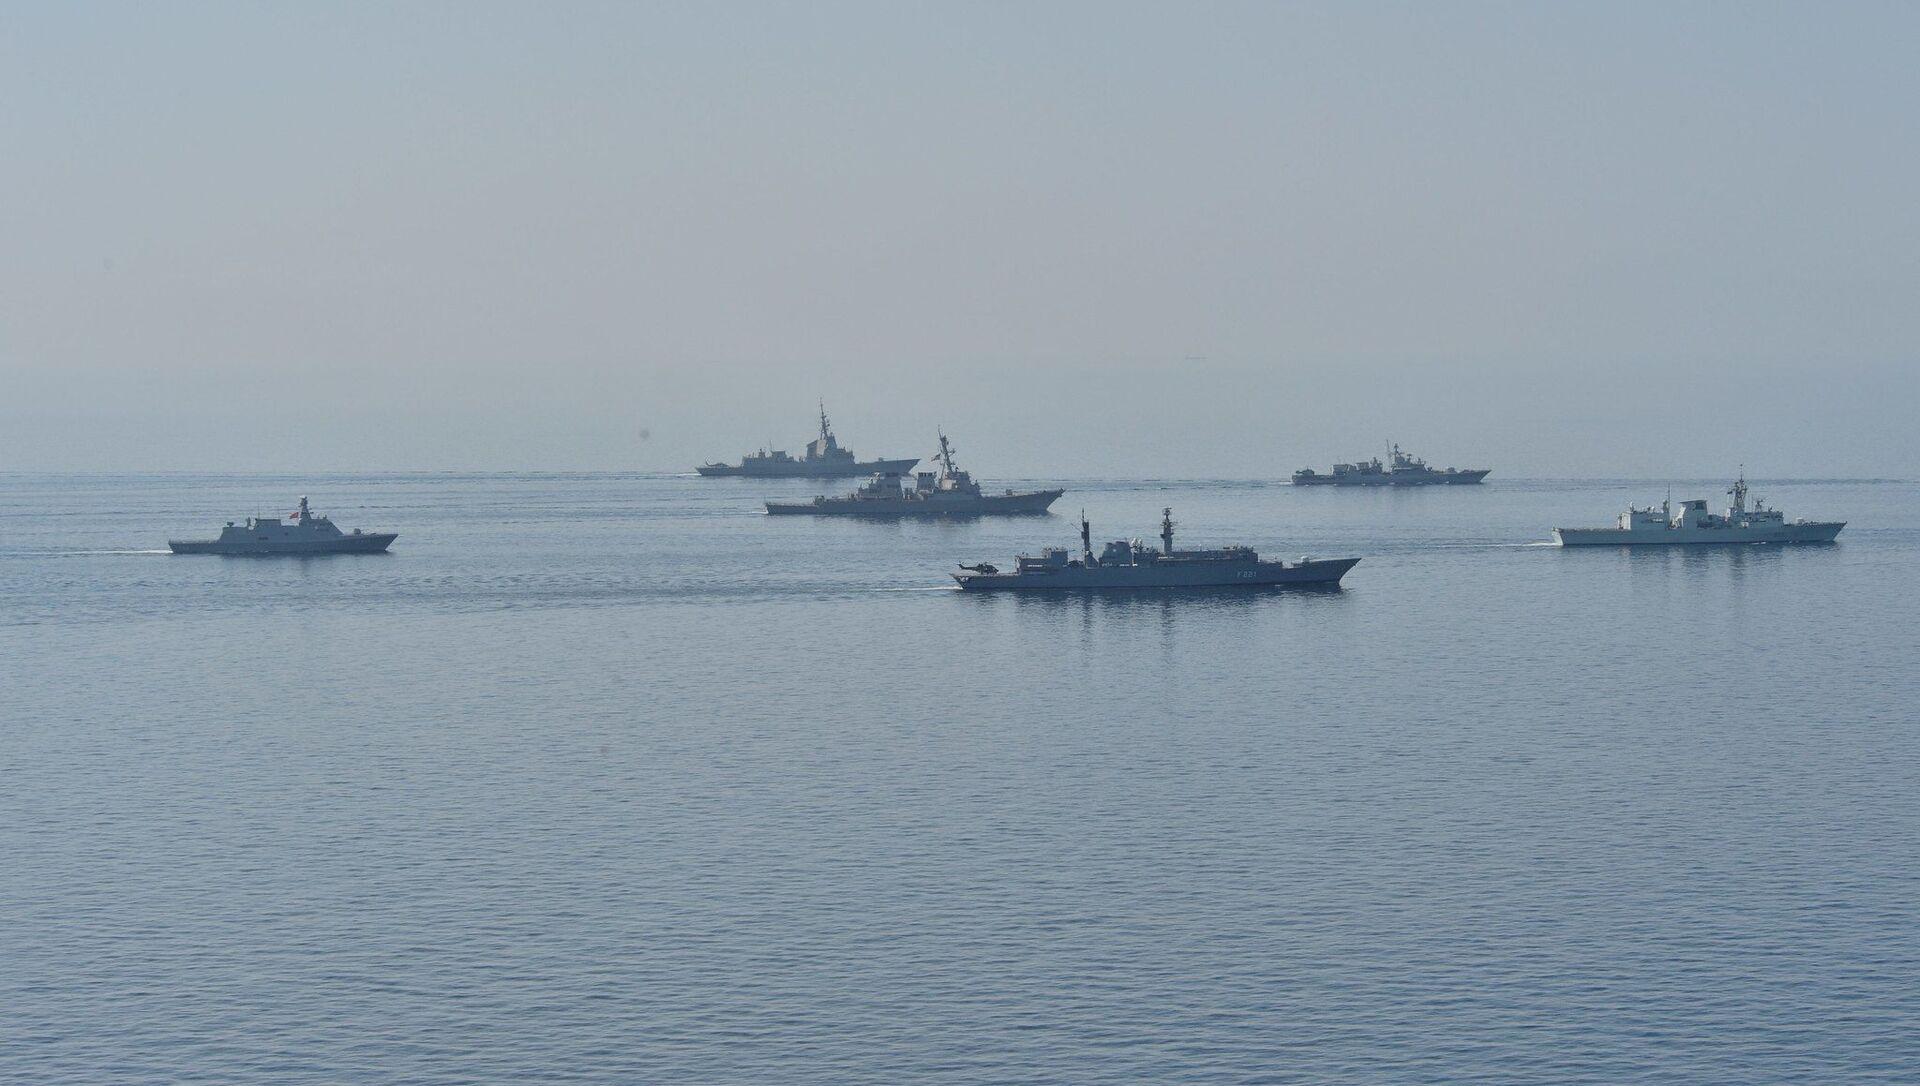 Бродови држава-чланица НАТО-а на војним вежбама на Црном мору - Sputnik Србија, 1920, 28.02.2021